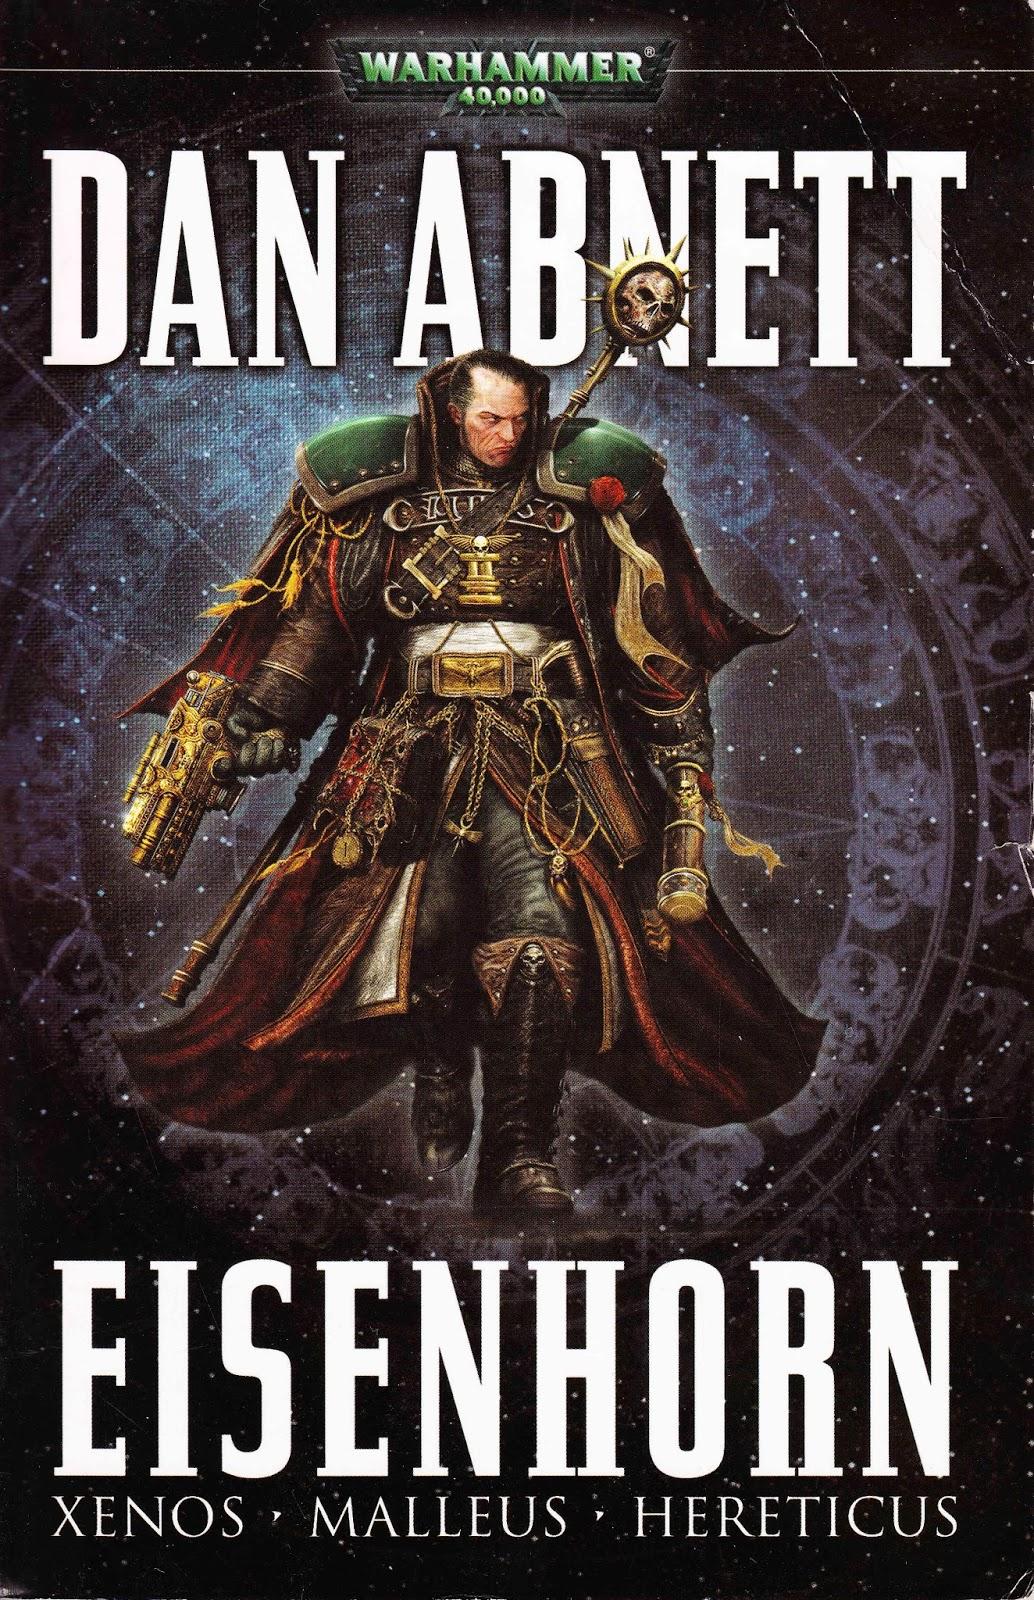 Eisenhorn, one of the best 40K books